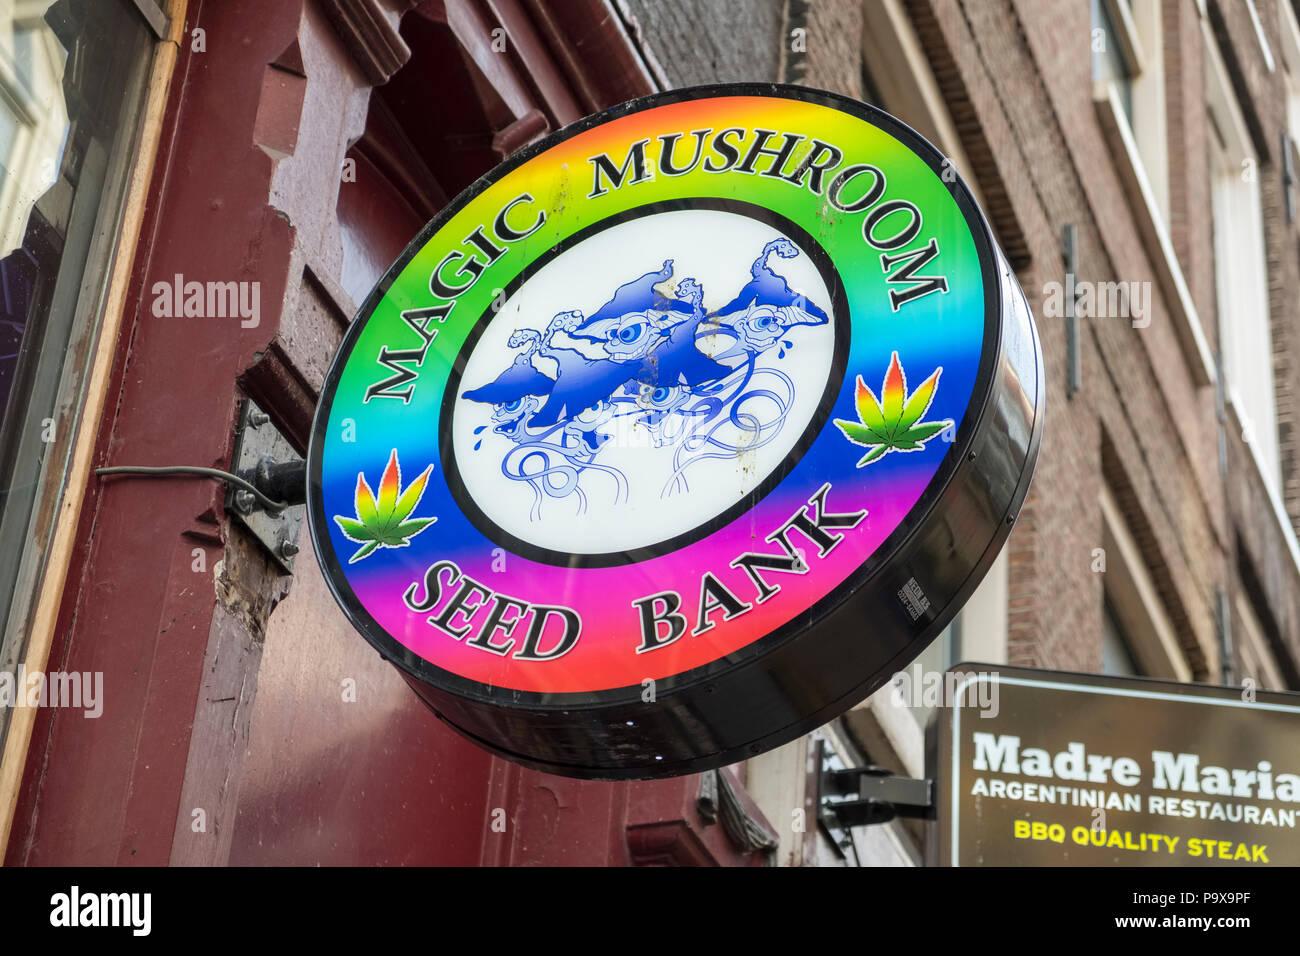 Le droghe ricreative store segno, Magic Mushroom Banca del seme, Amsterdam, Paesi Bassi, Olanda, Europa Immagini Stock